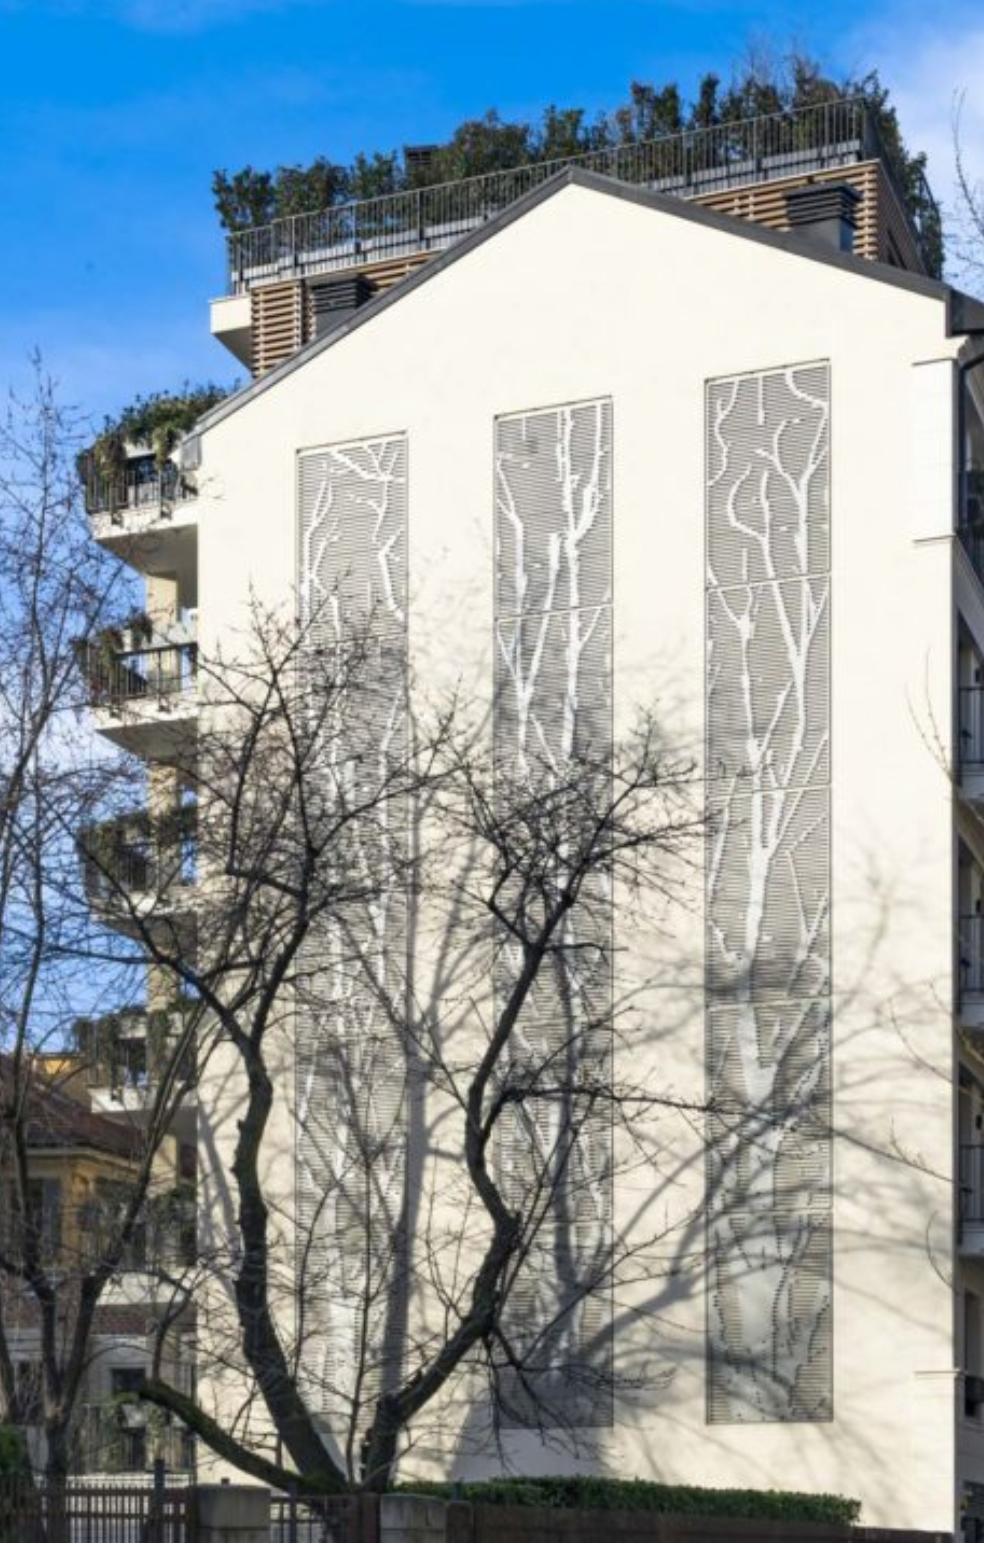 Brise soleil su attico a Milano